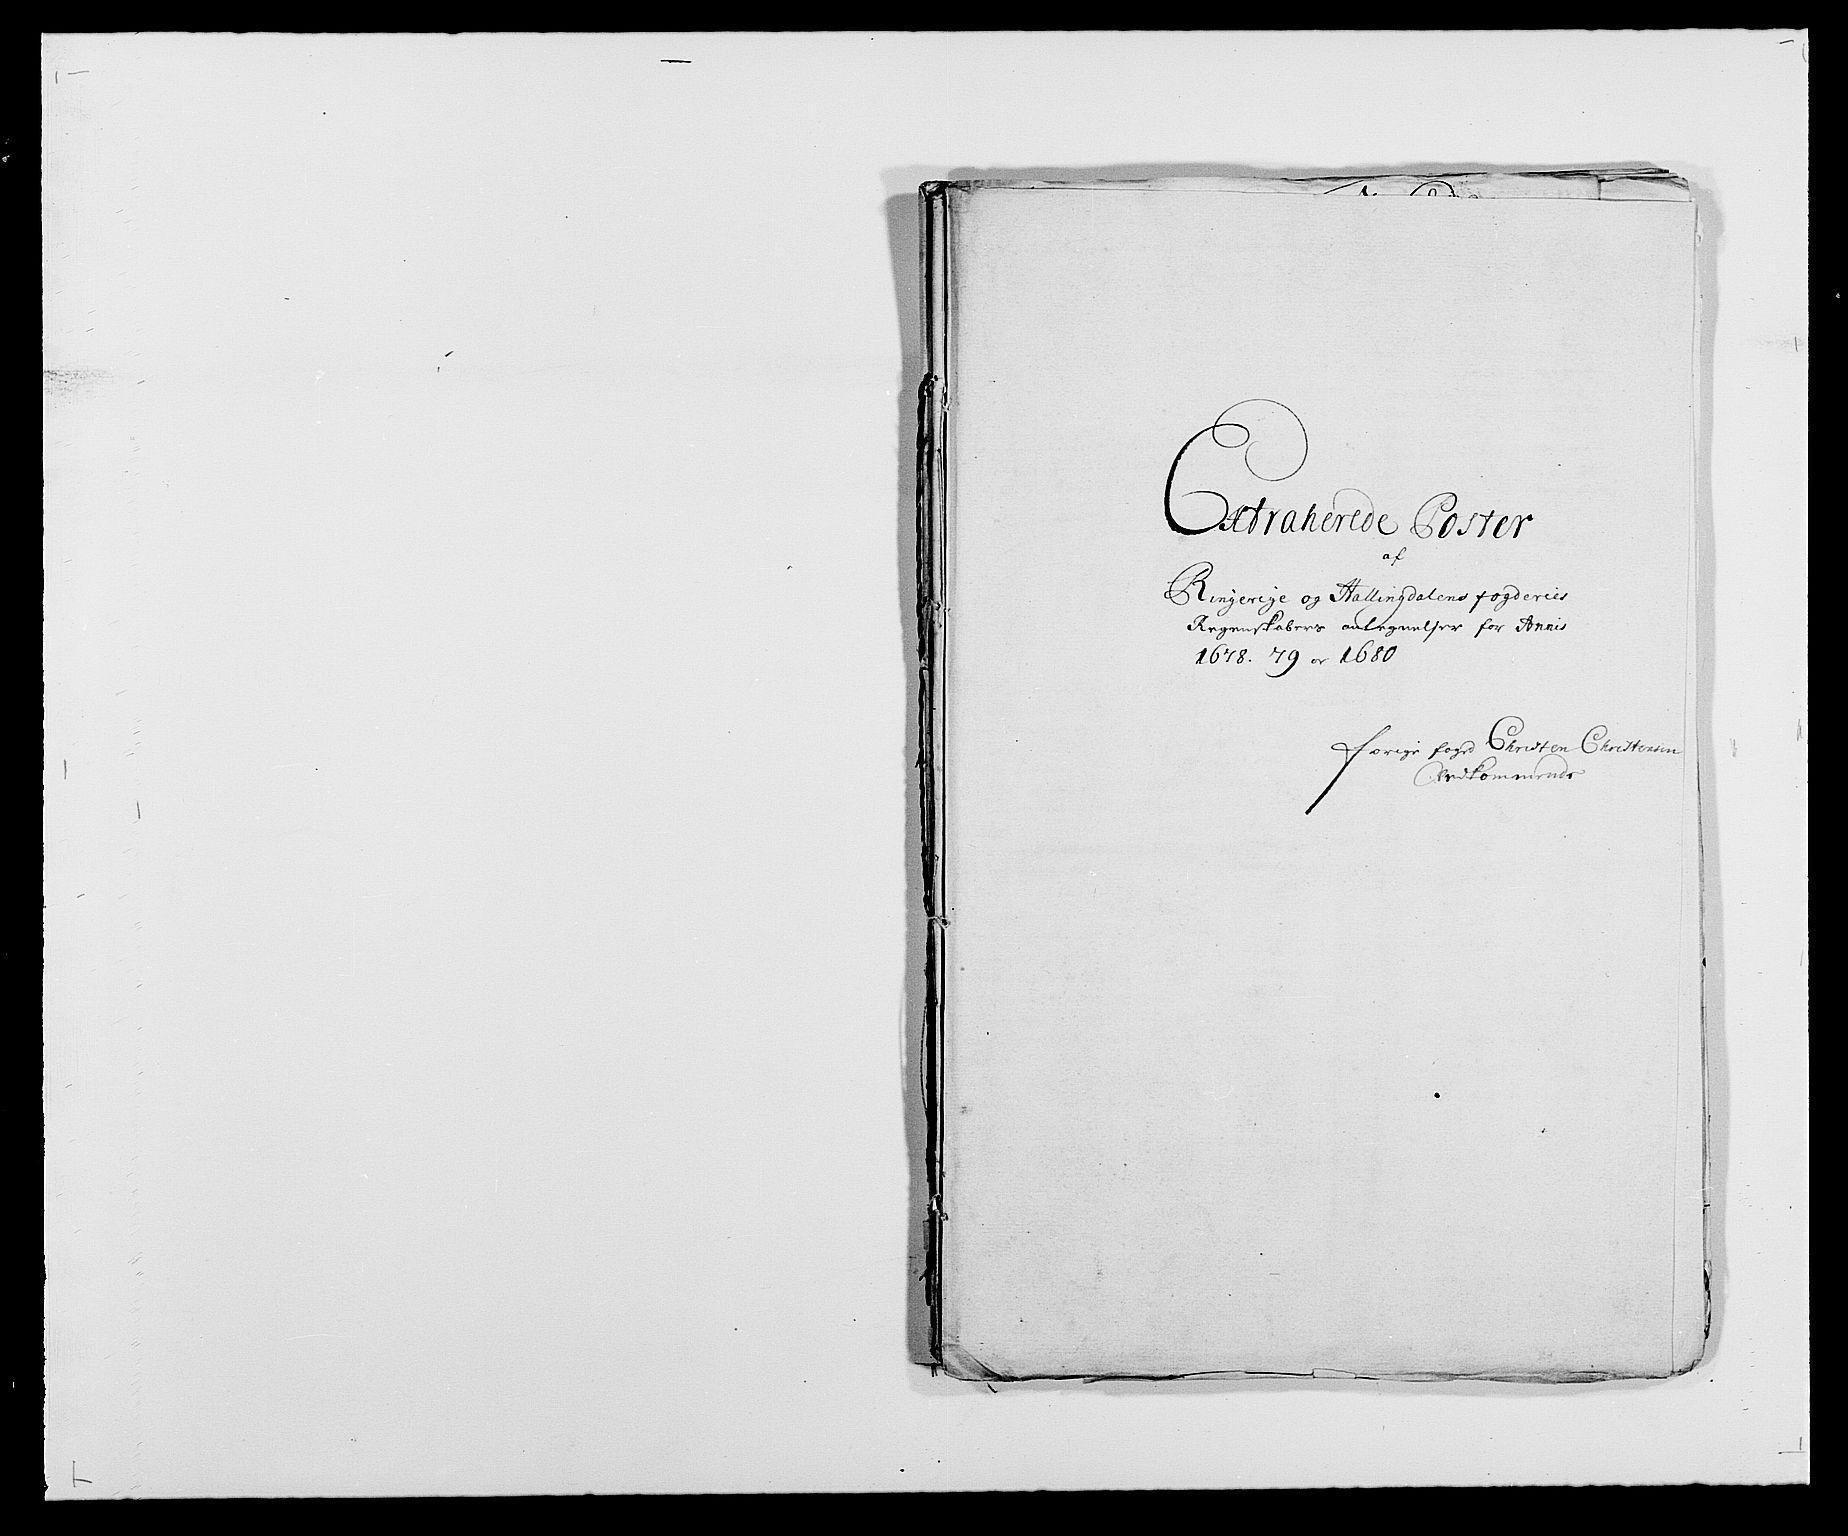 RA, Rentekammeret inntil 1814, Reviderte regnskaper, Fogderegnskap, R21/L1444: Fogderegnskap Ringerike og Hallingdal, 1680-1681, s. 197